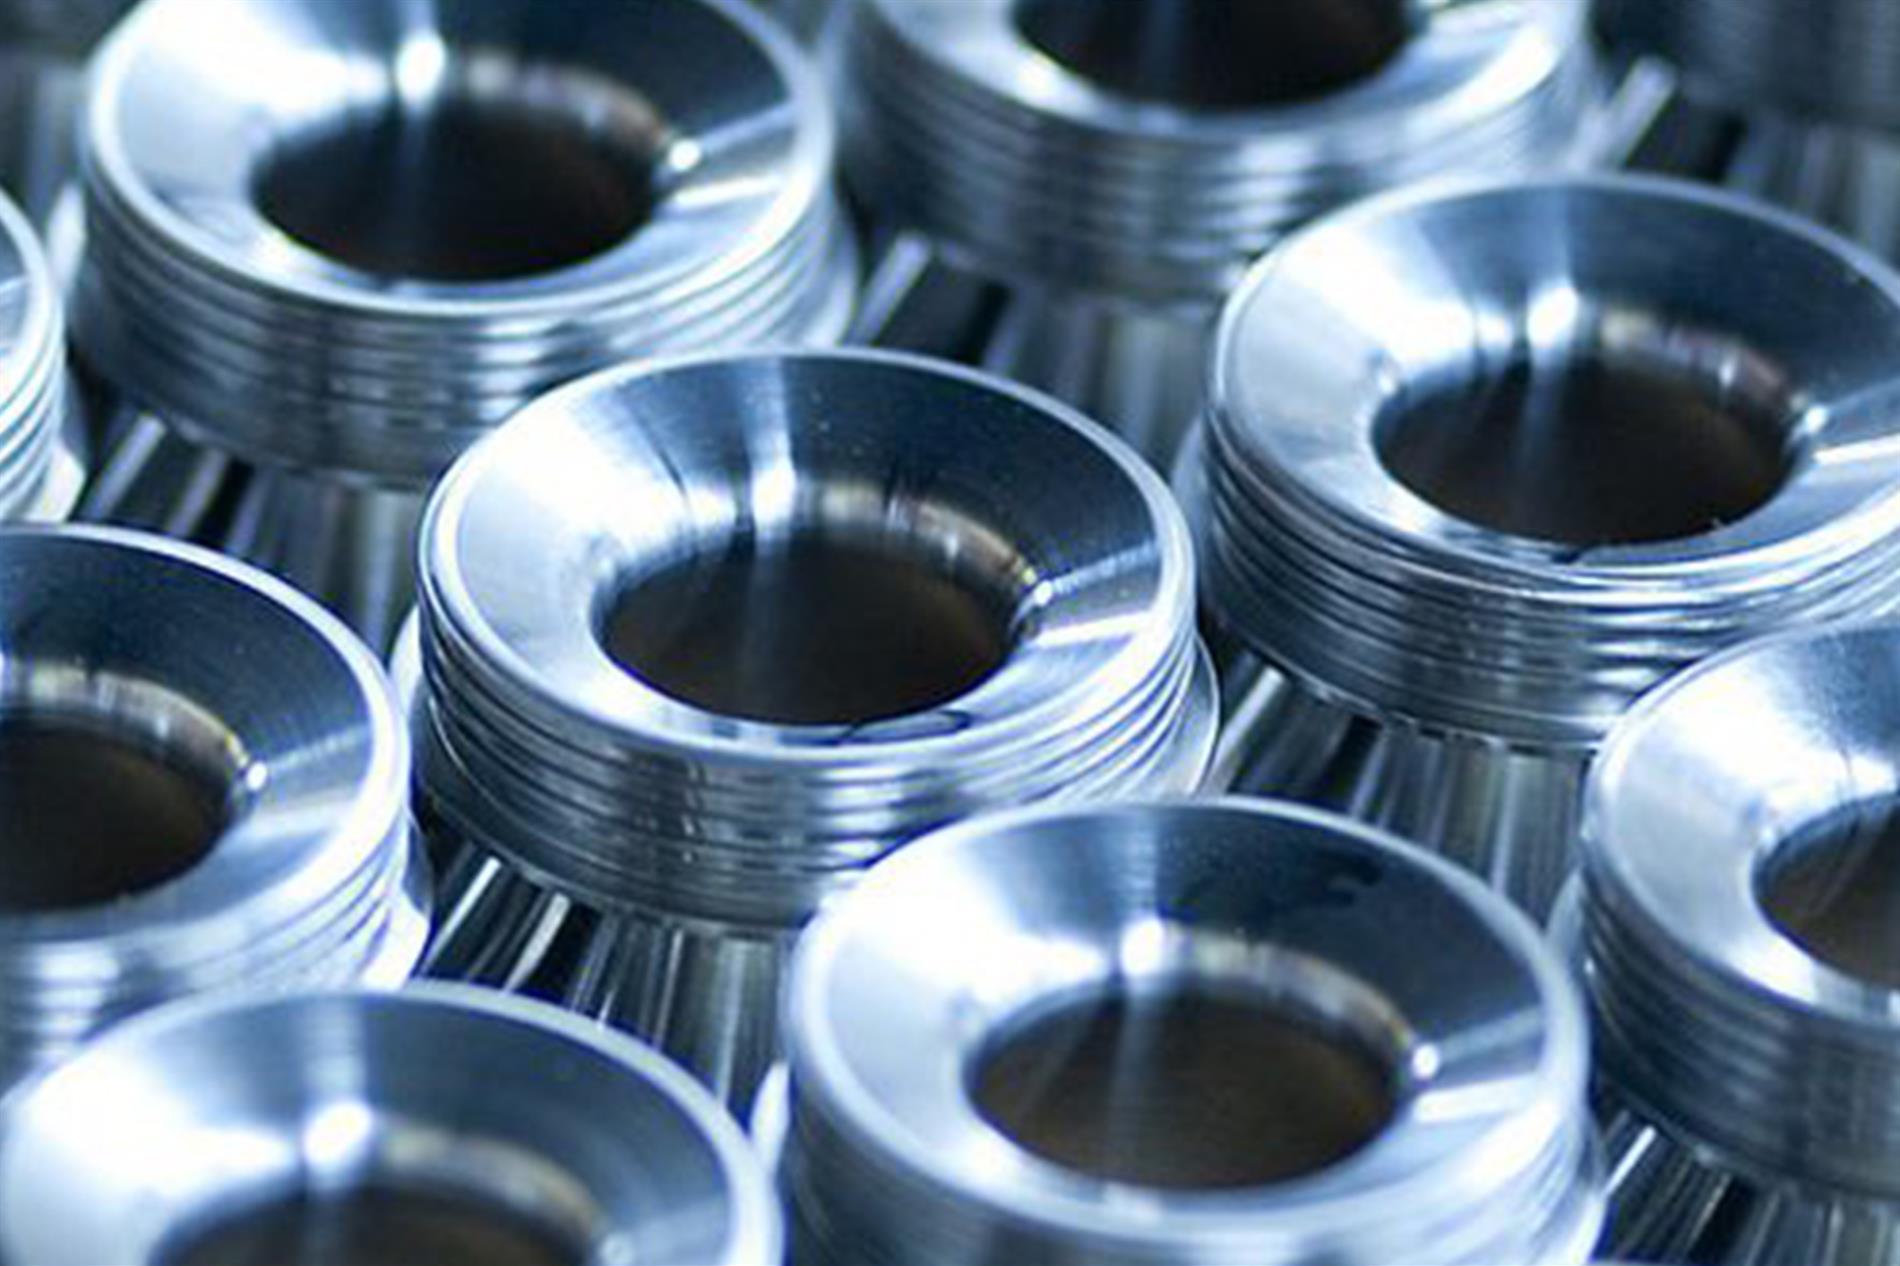 آبکاری فلزات در صنعت به چه منظور استفاده می شود - گروه صنعتی ایران فلز